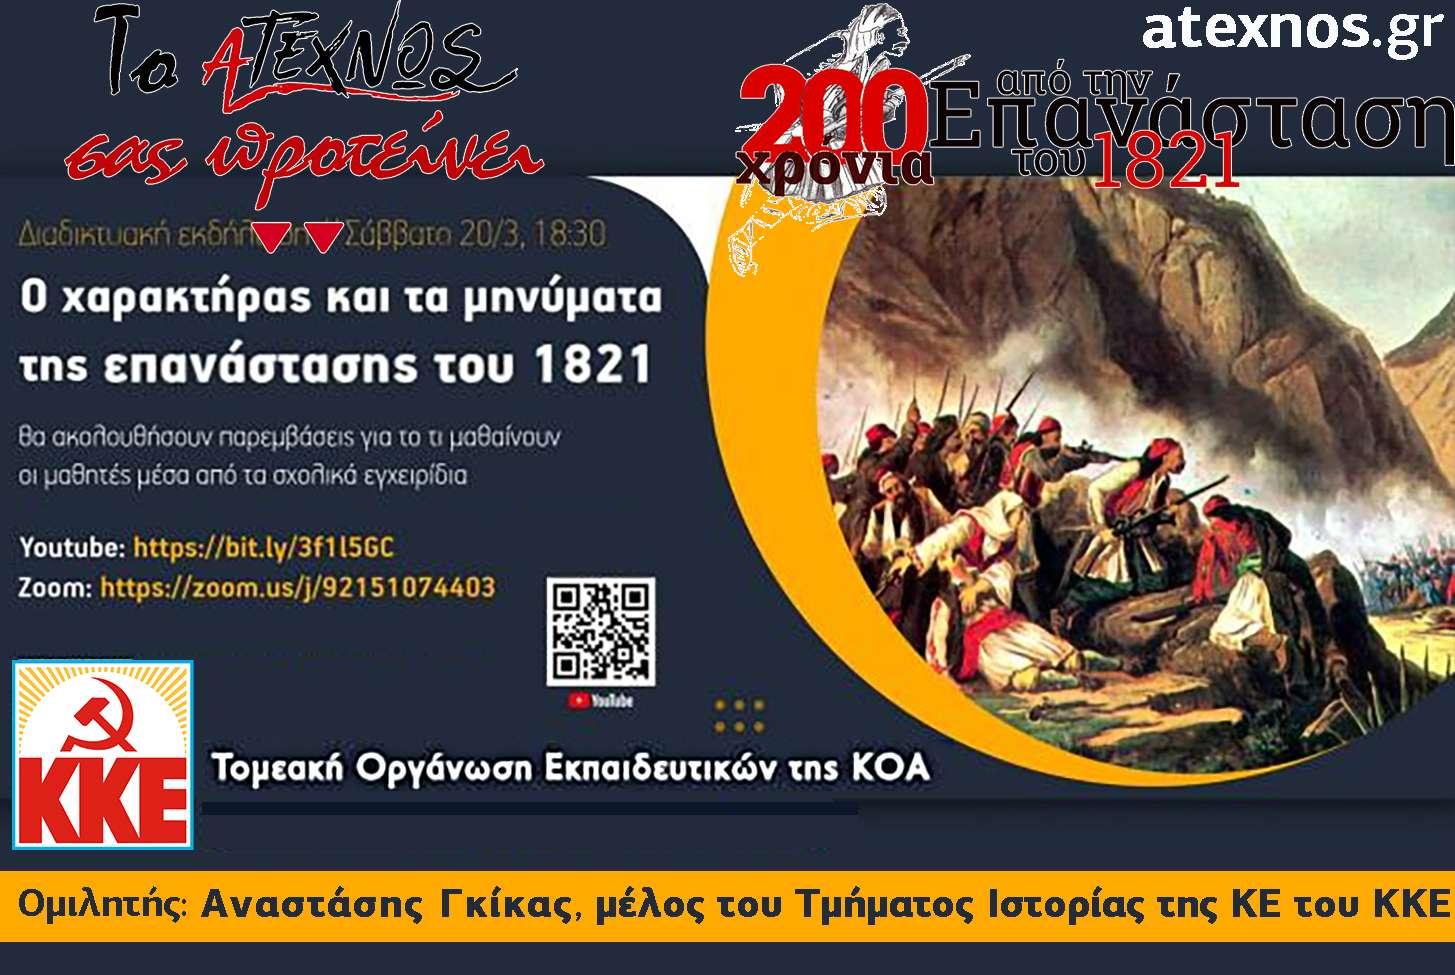 χαρακτήρας και τα μηνύματα της επανάστασης του 1821 Αναστάσης Γκίκας